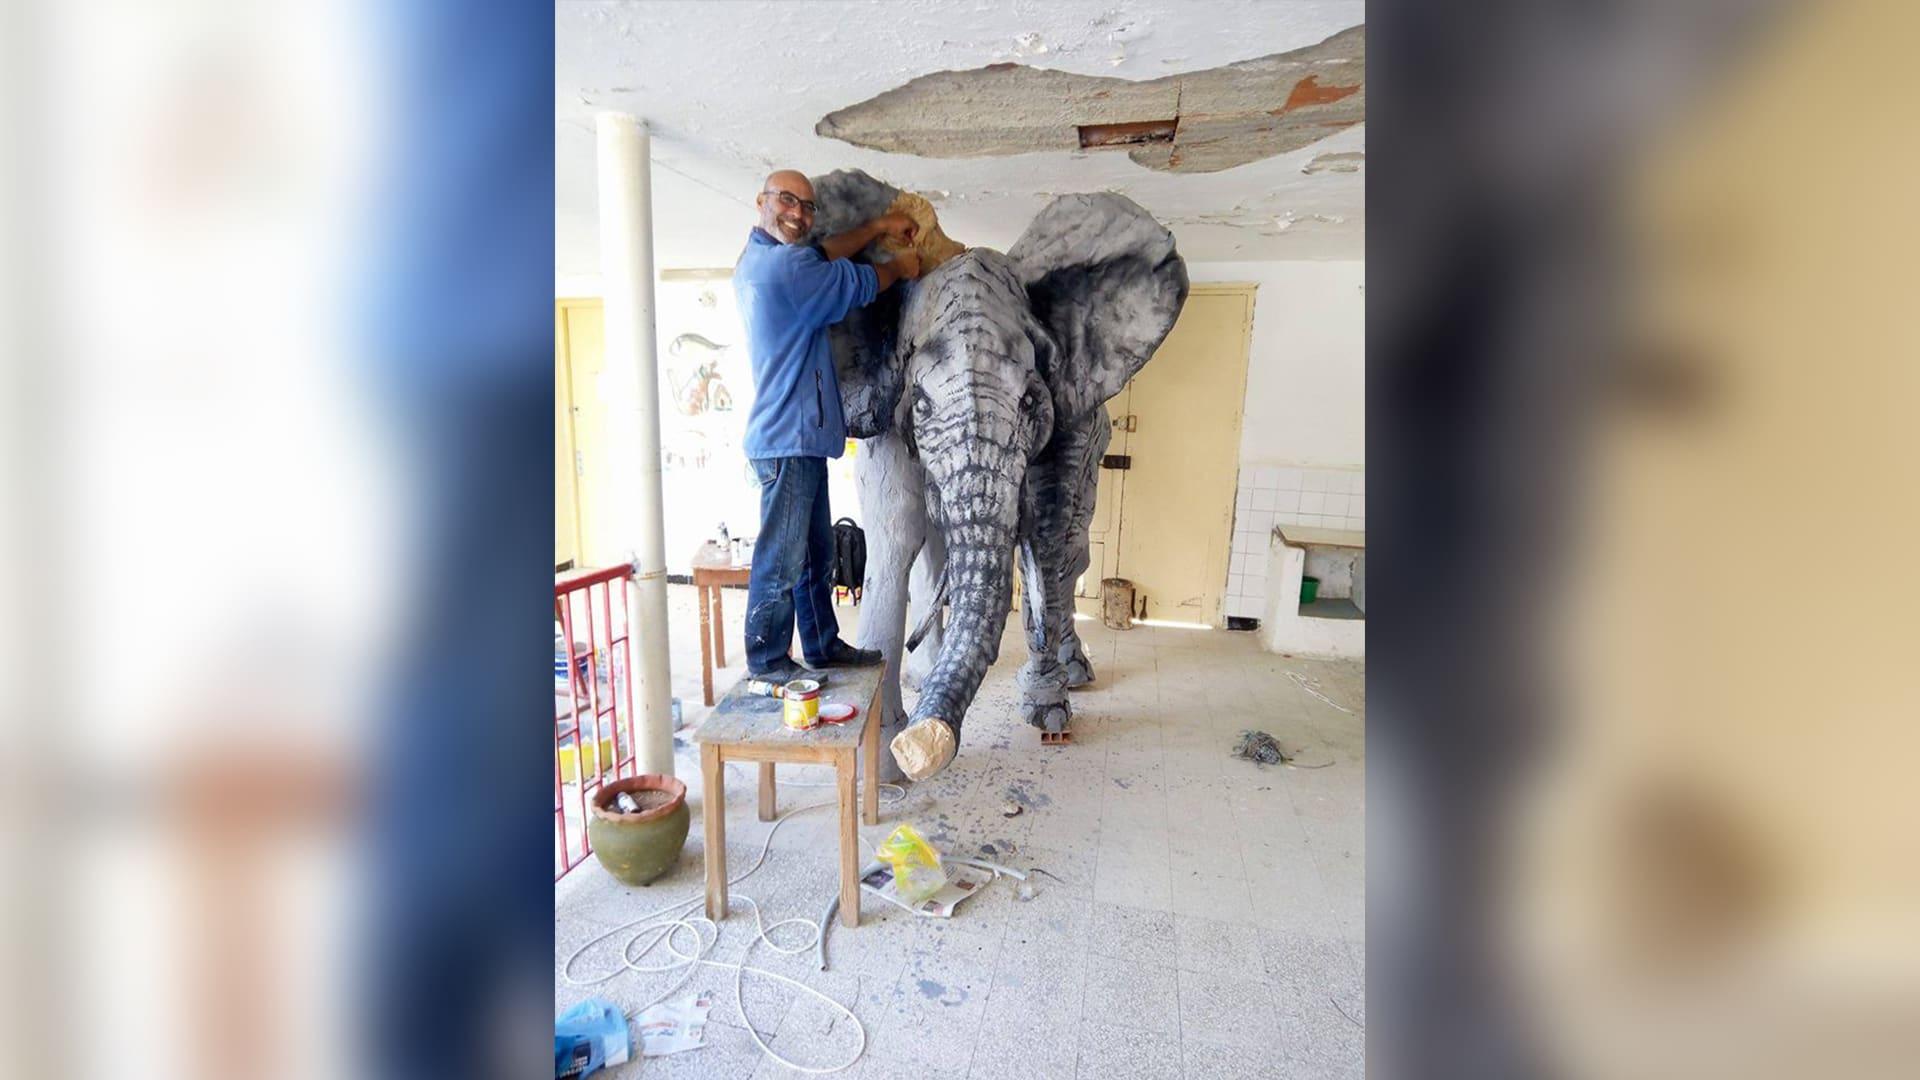 التونسي كمال الزغيدي في أثناء نحت عمل فني.